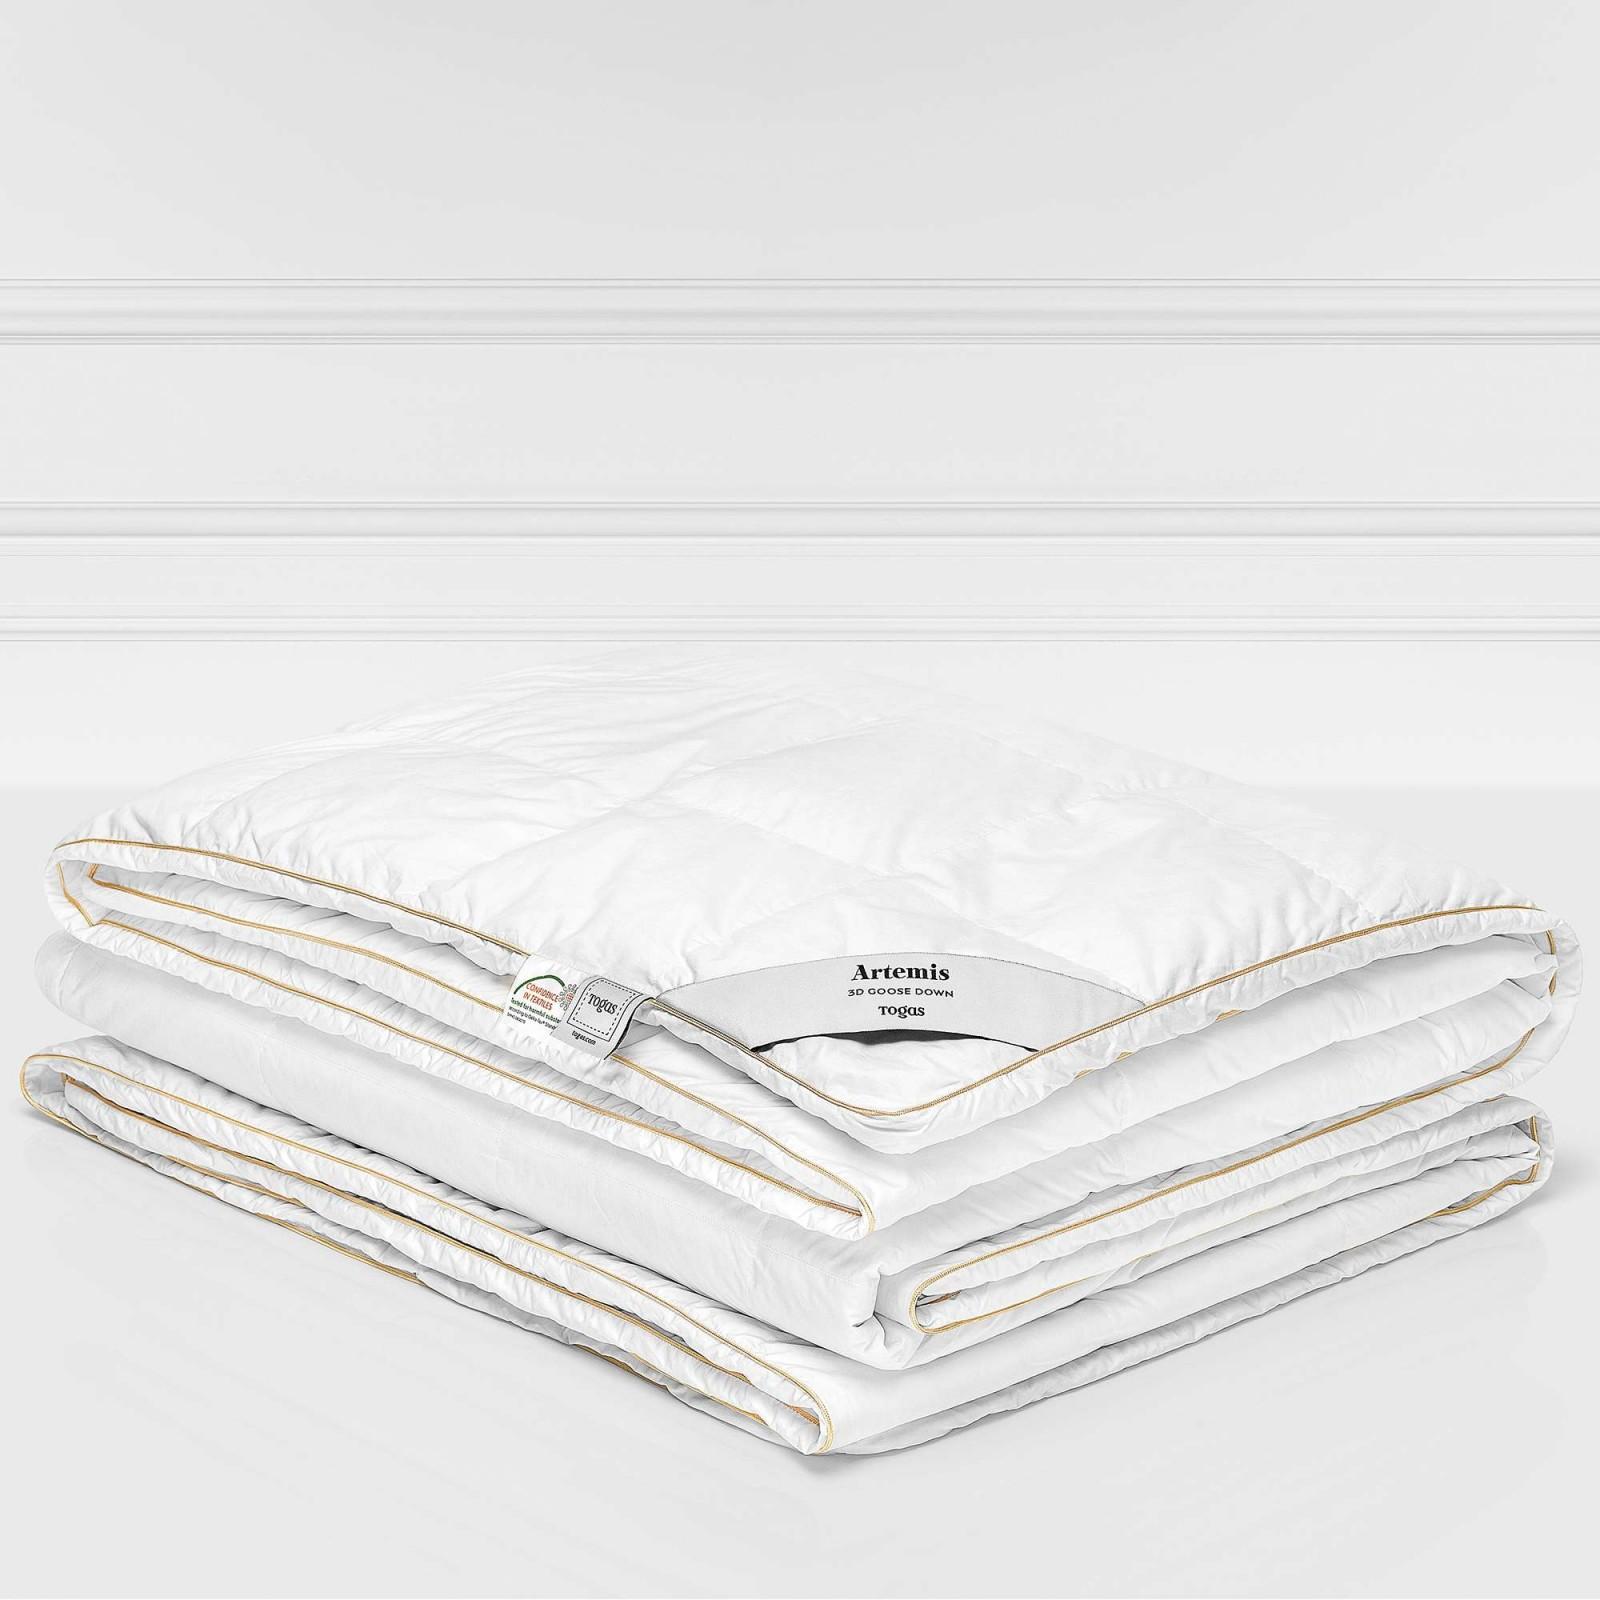 Одеяла Togas Одеяло Артемис Легкое (200х210 см) одеяла togas одеяло гелиос 220х240 см